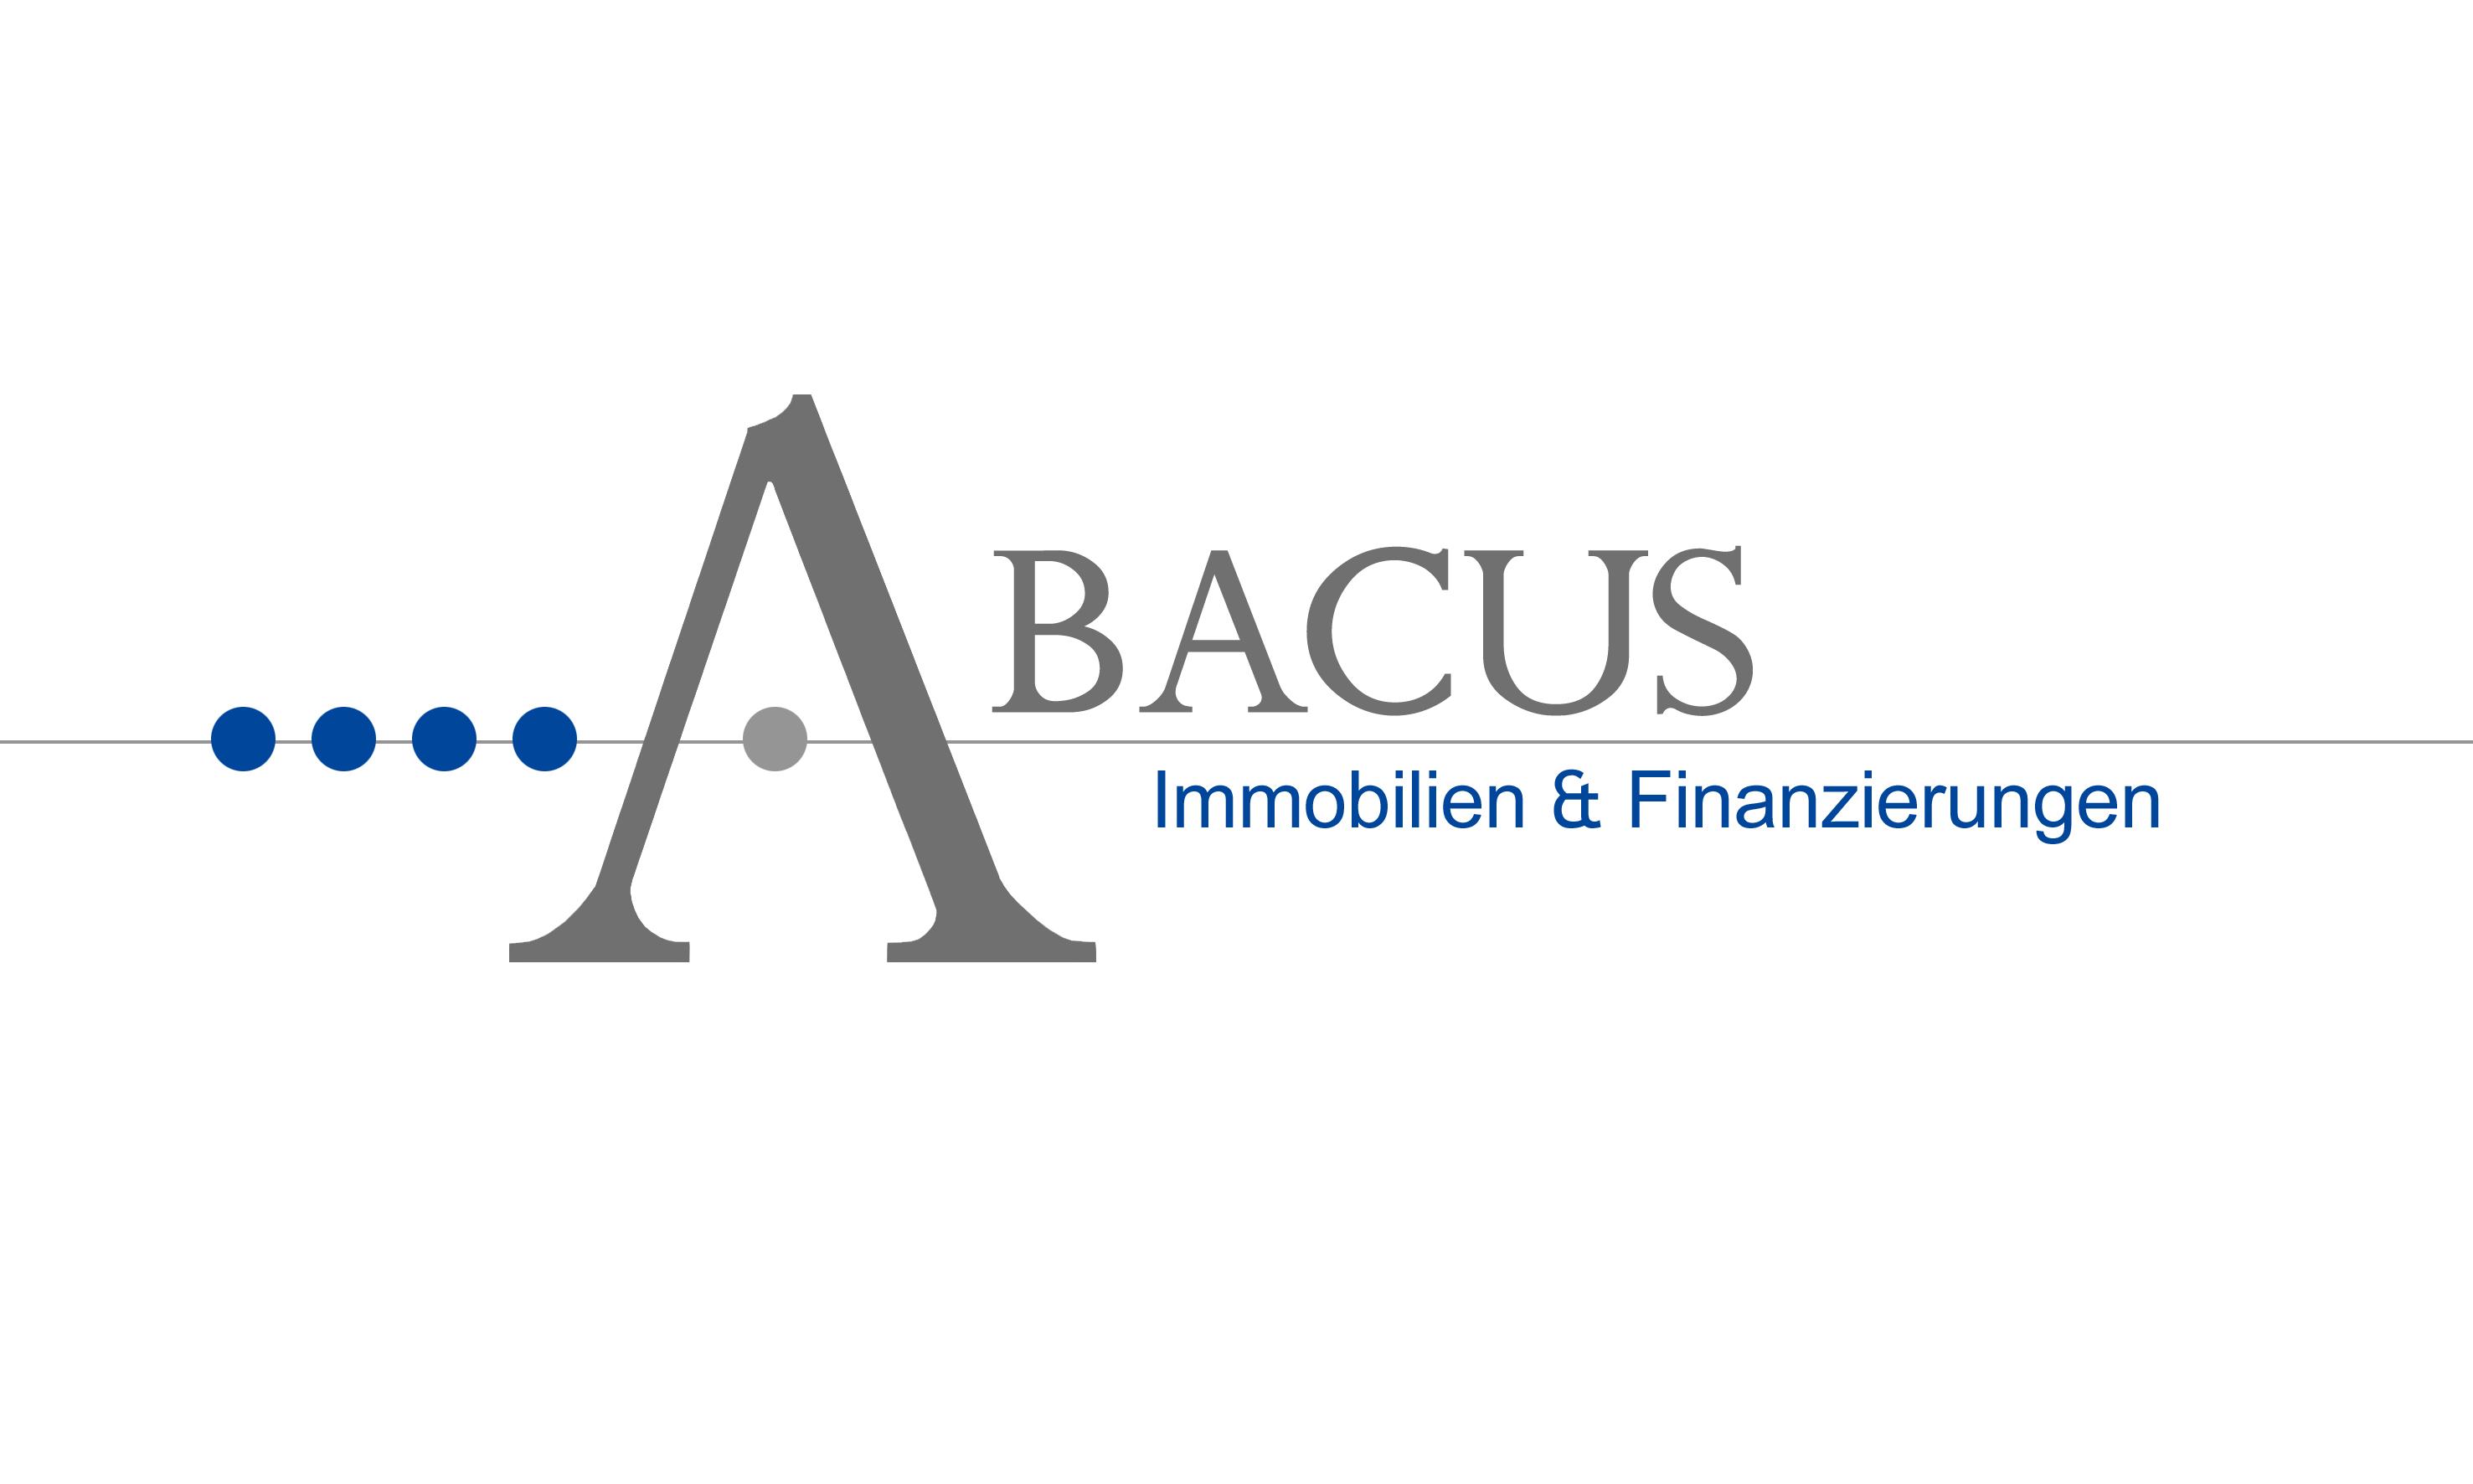 http://www.sgunsrheinhessen.de/wp-content/uploads/2017/10/ABACUS-25x15-dunkel.jpg